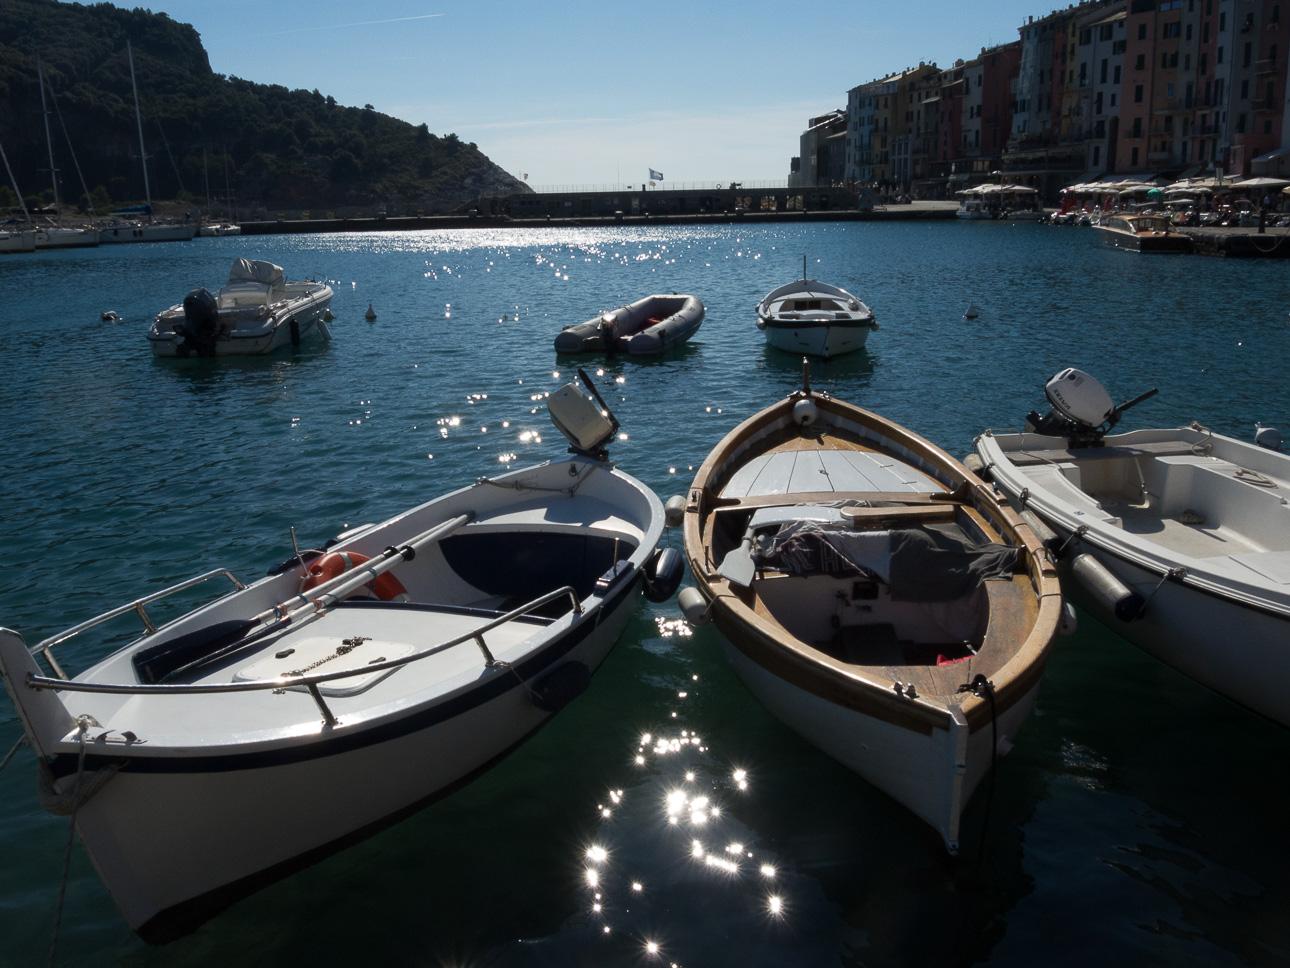 Fotokurse Ligurien Cinque Terre Fotolocation 9873